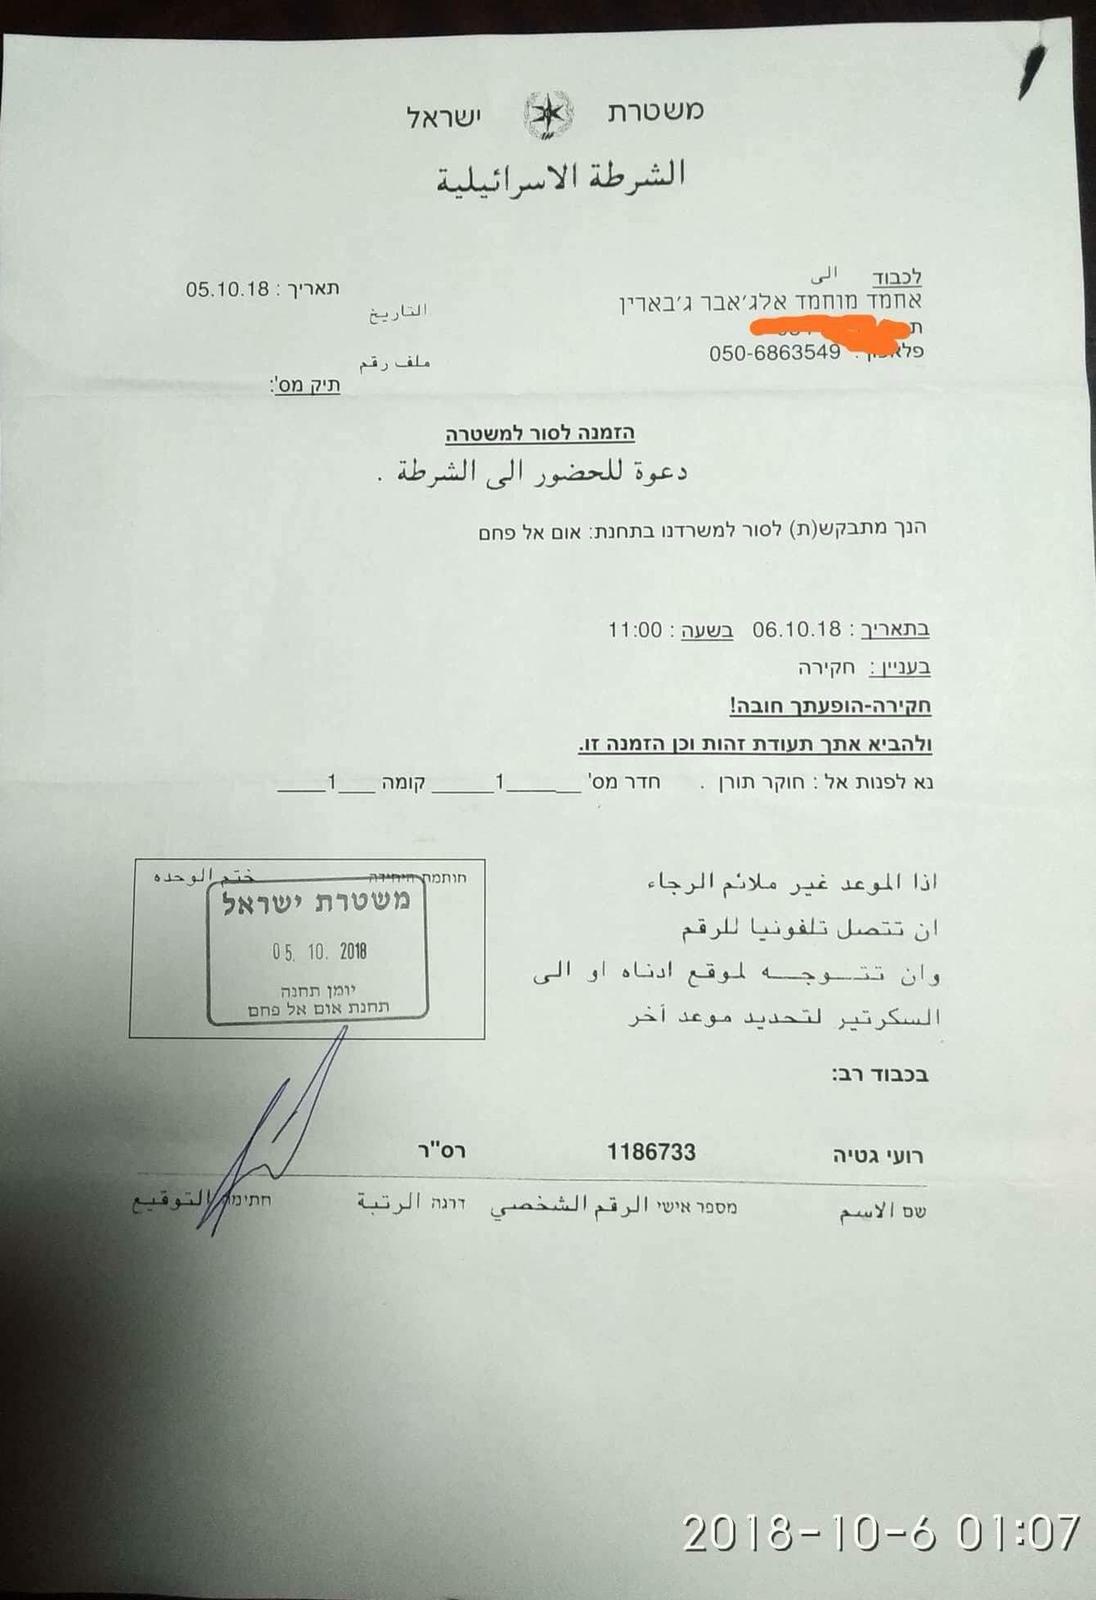 التحقيق مع المحامي أحمد امين جابر بذريعة التحريض لإستقبال الأسير محمود عثمان جبارين